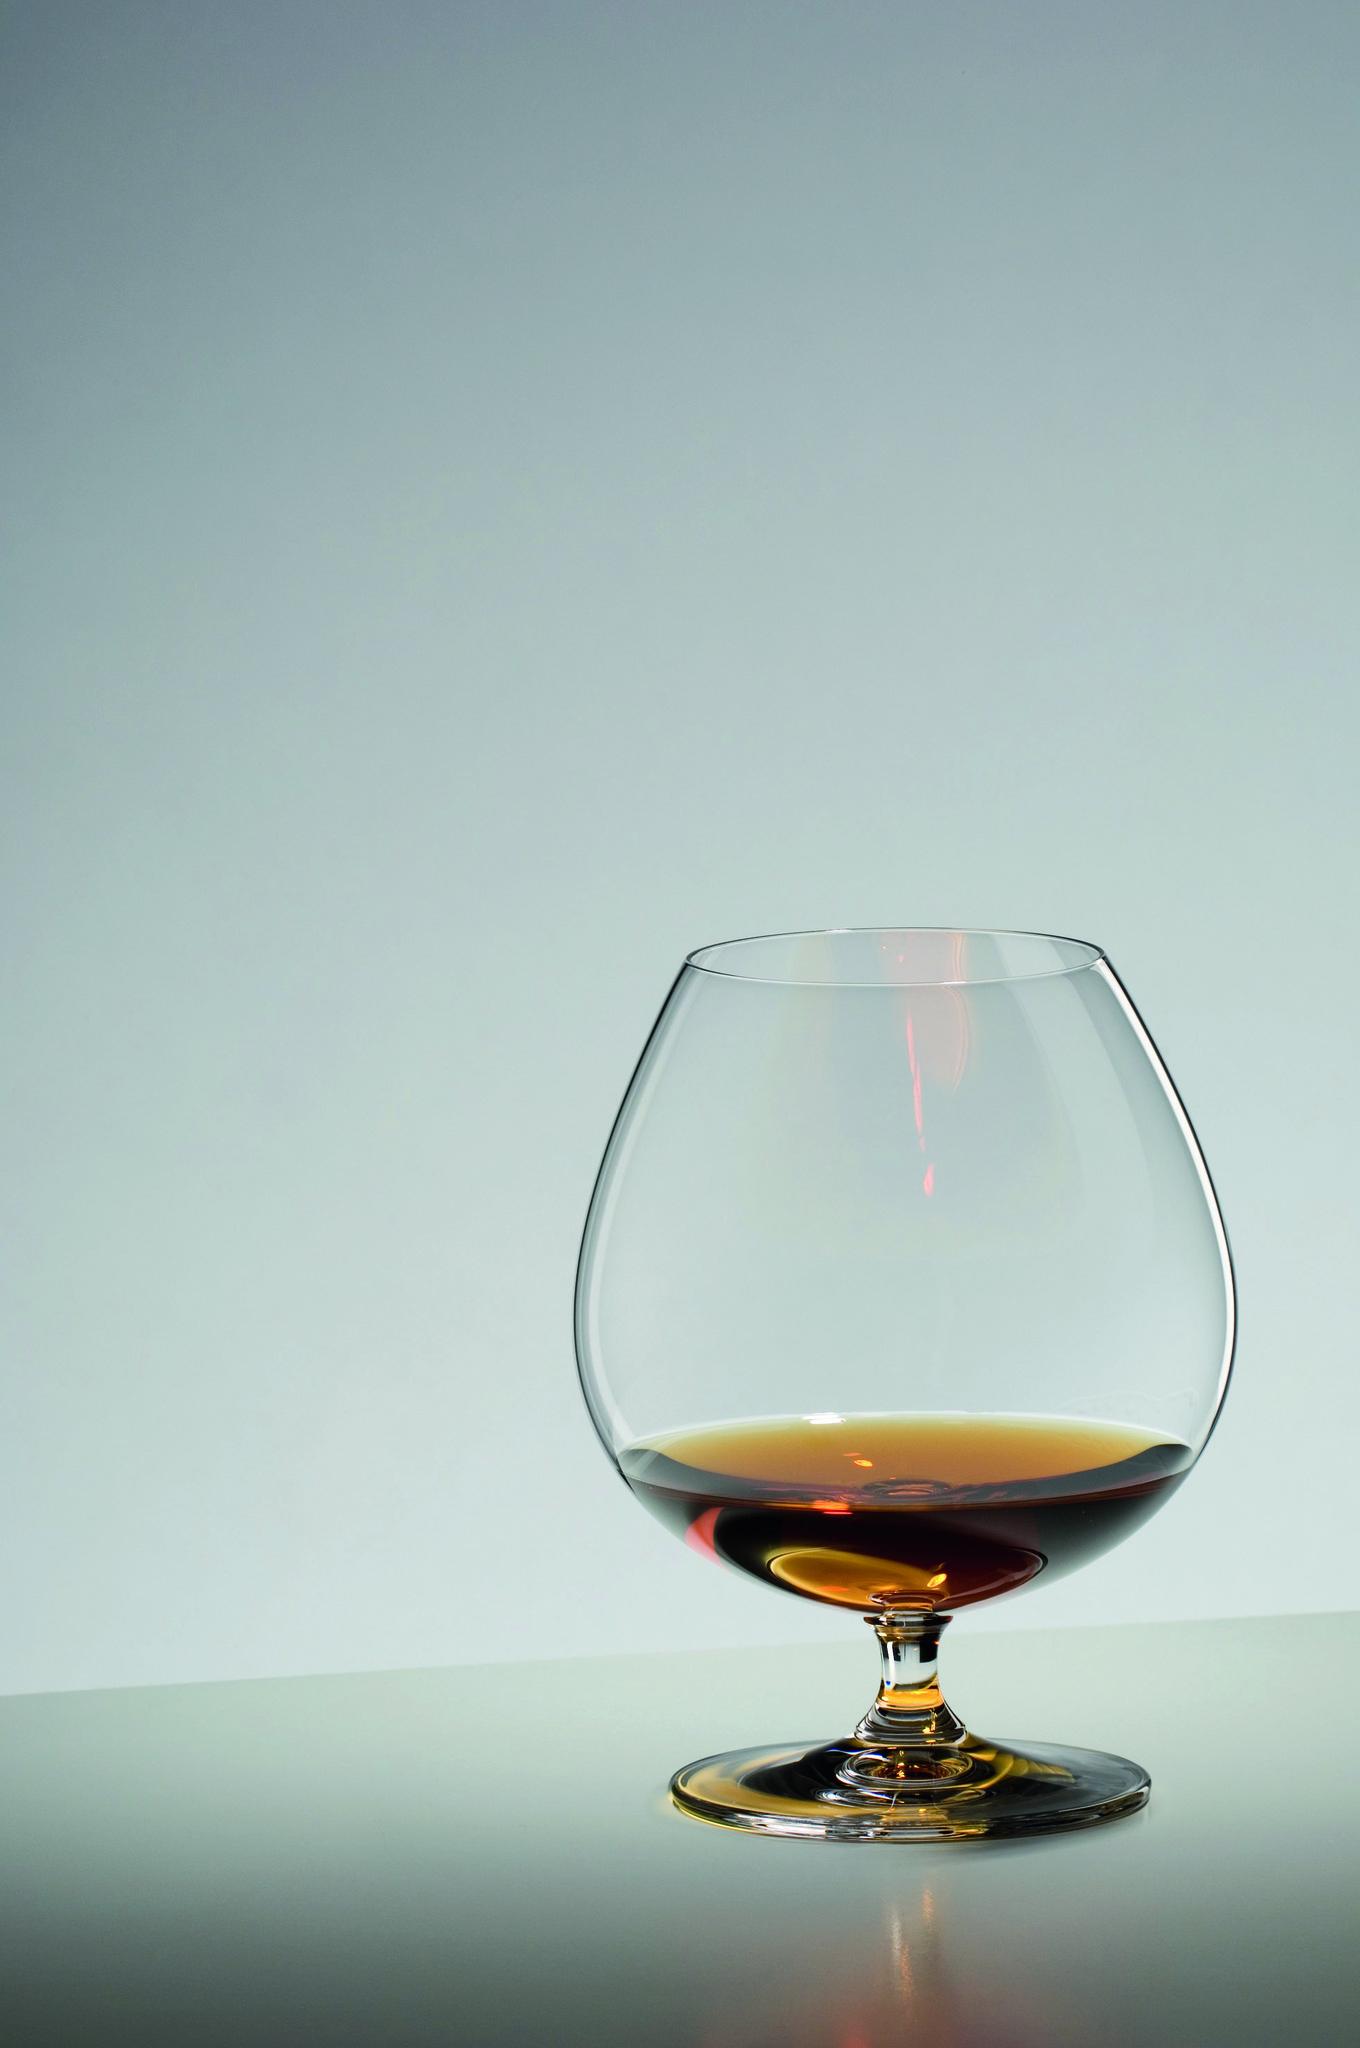 Бокалы Набор бокалов для бренди 2шт 840мл Riedel Vinum Brandy nabor-bokalov-dlya-brendi-2-sht-840-ml-riedel-vinum-brandy-avstriya.jpg